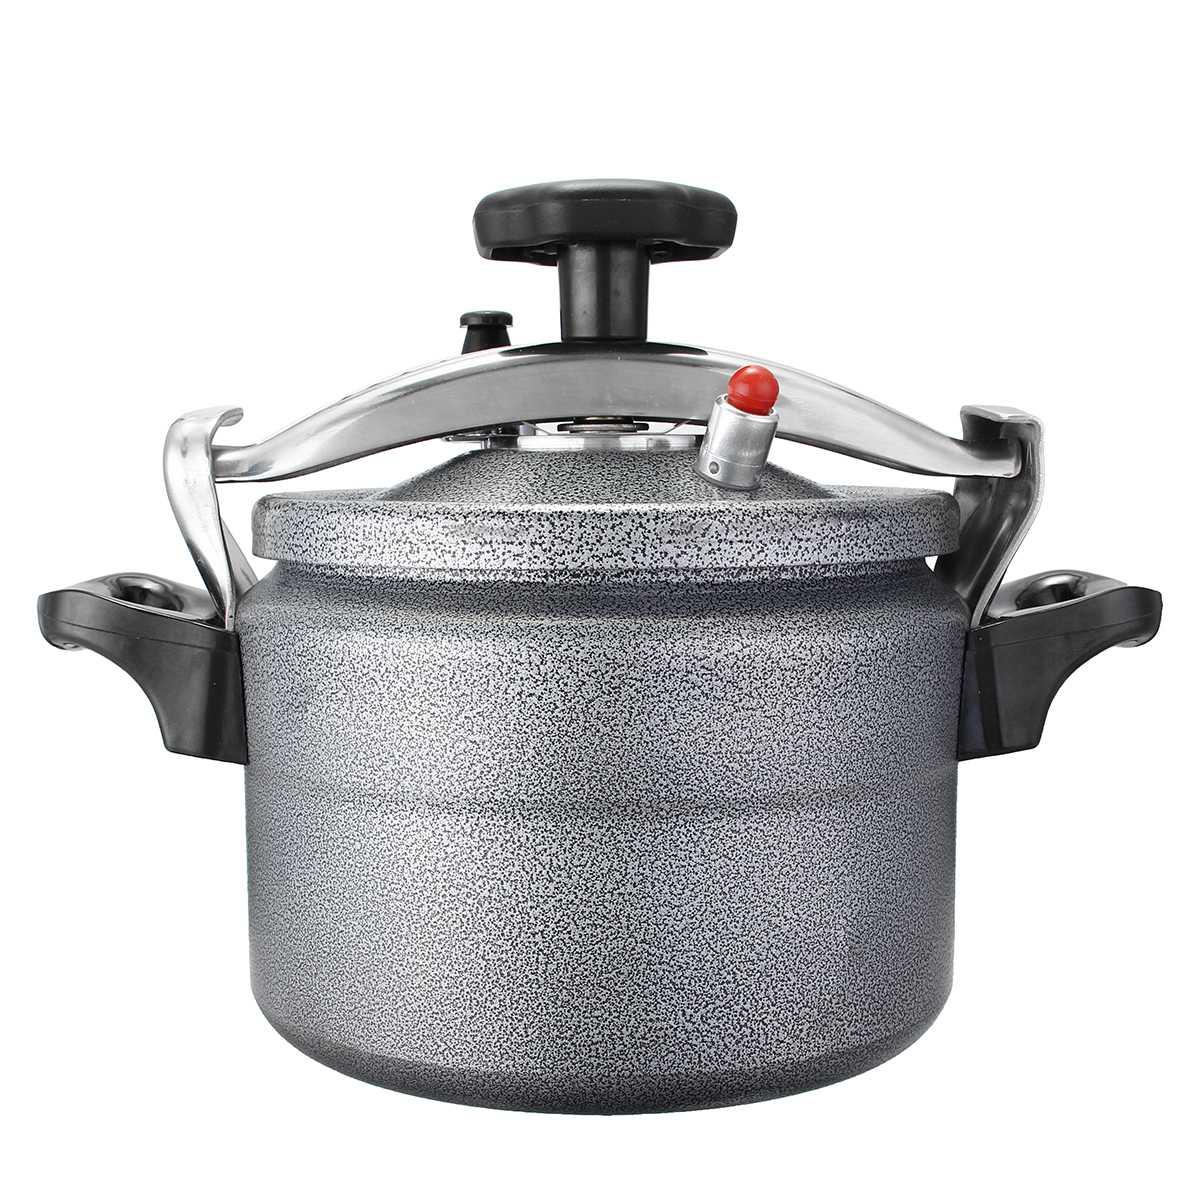 Autocuiseur anti-déflagrant en aluminium Pot de cuisson de riz cuisinière en plein air Camping Pot de voyage autocuiseur haute altitude 3L